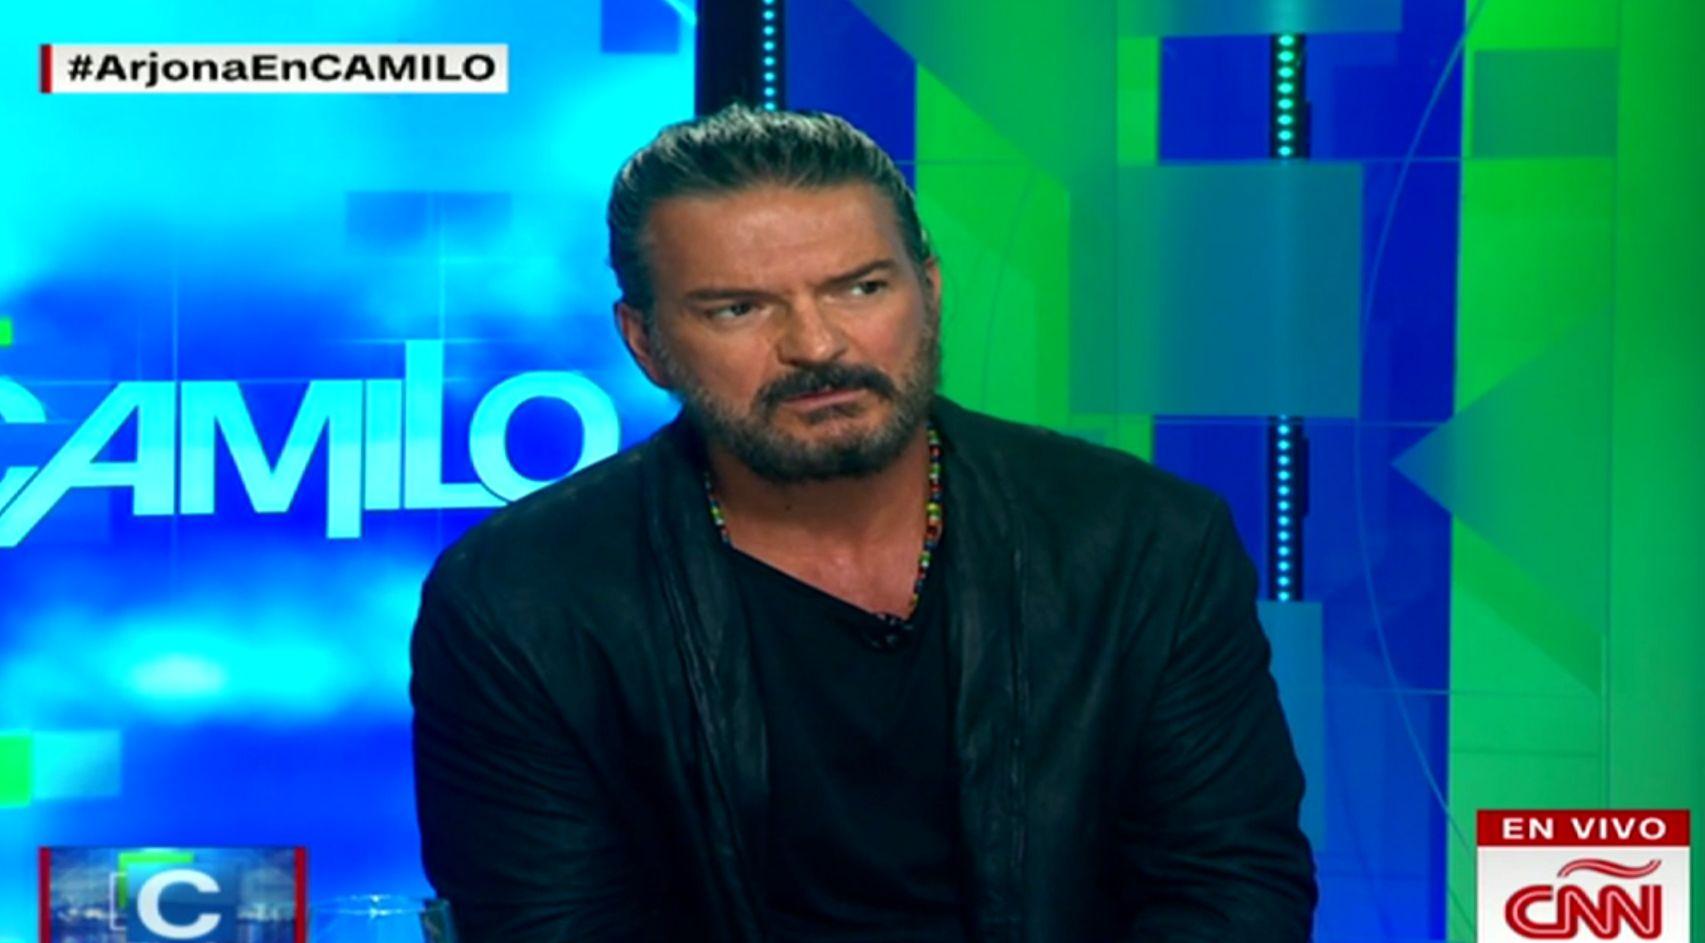 Arjona se enojó y se retiró de una entrevista con la CNN